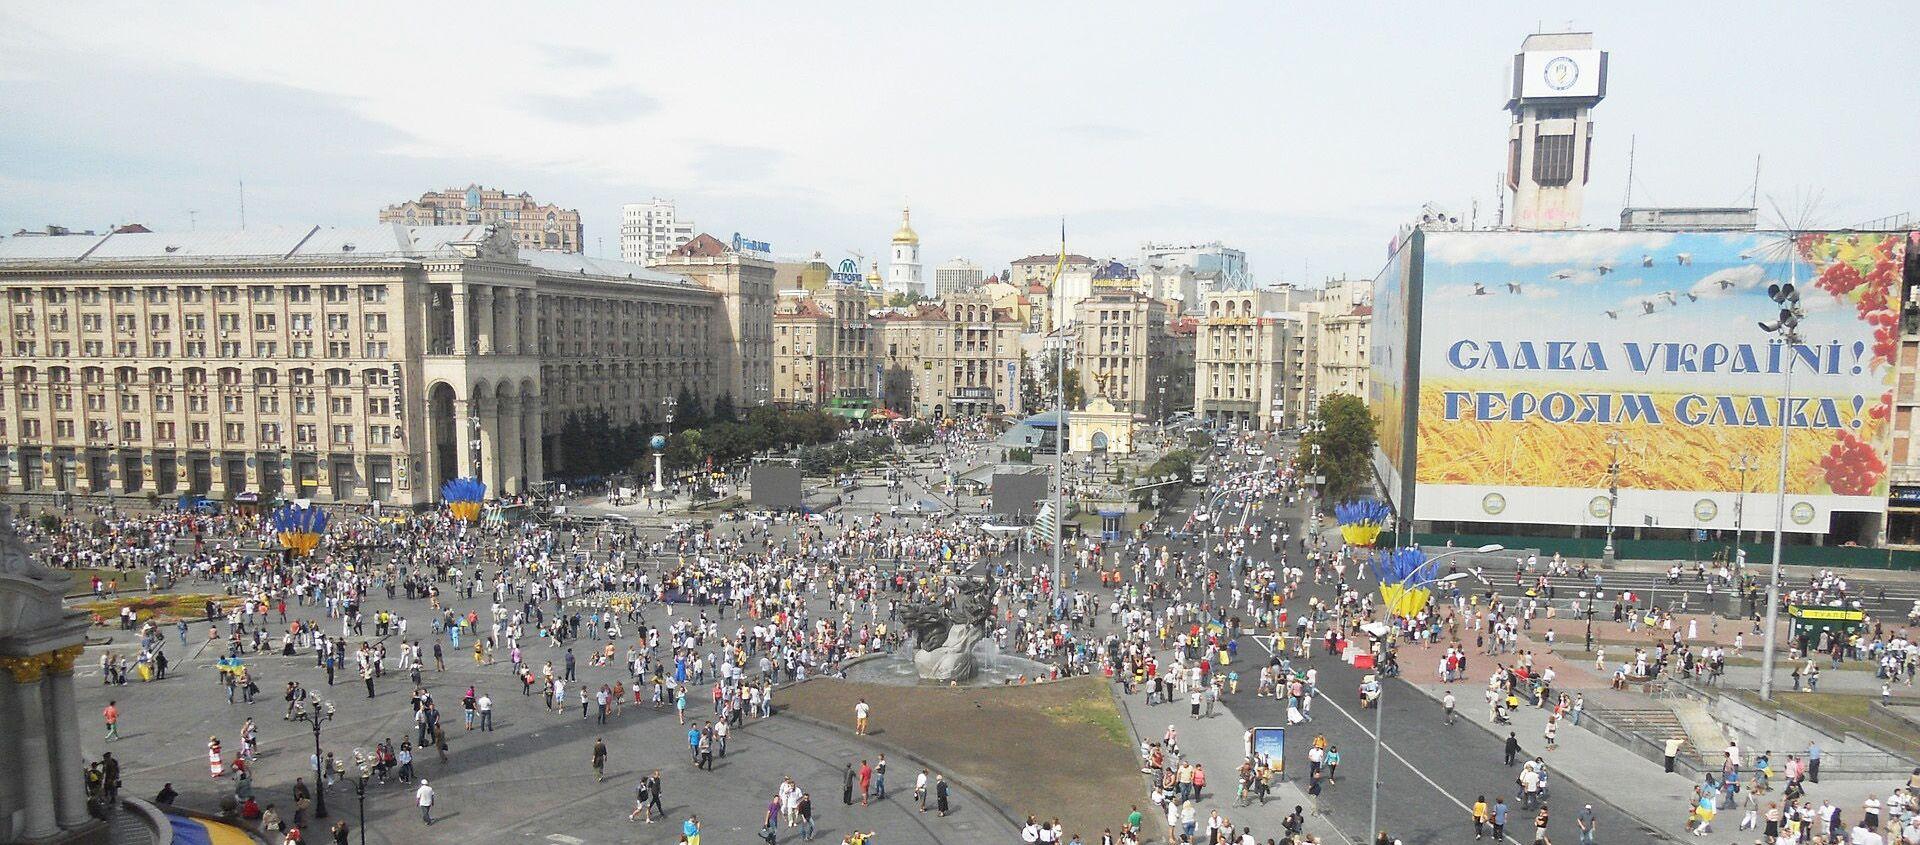 Widok na plac w Kijowie na Ukrainie - Sputnik Polska, 1920, 27.04.2021